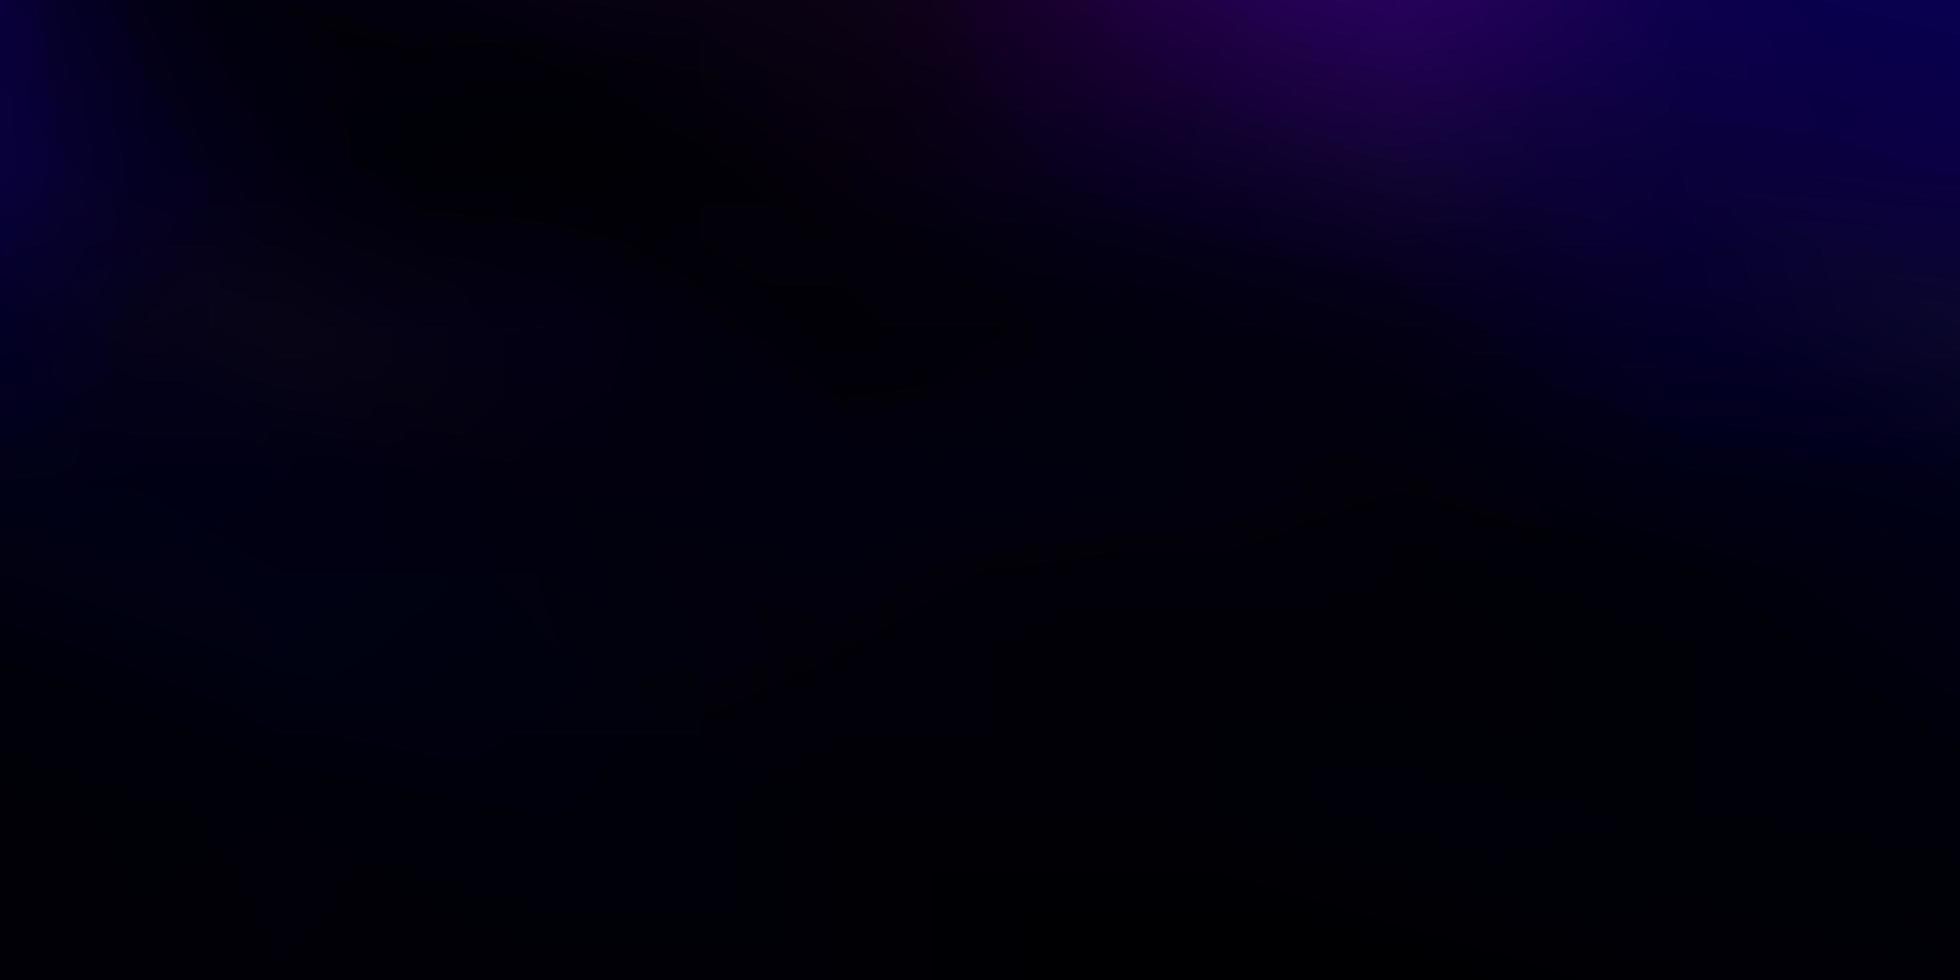 fundo de borrão abstrato de vetor rosa escuro, azul.